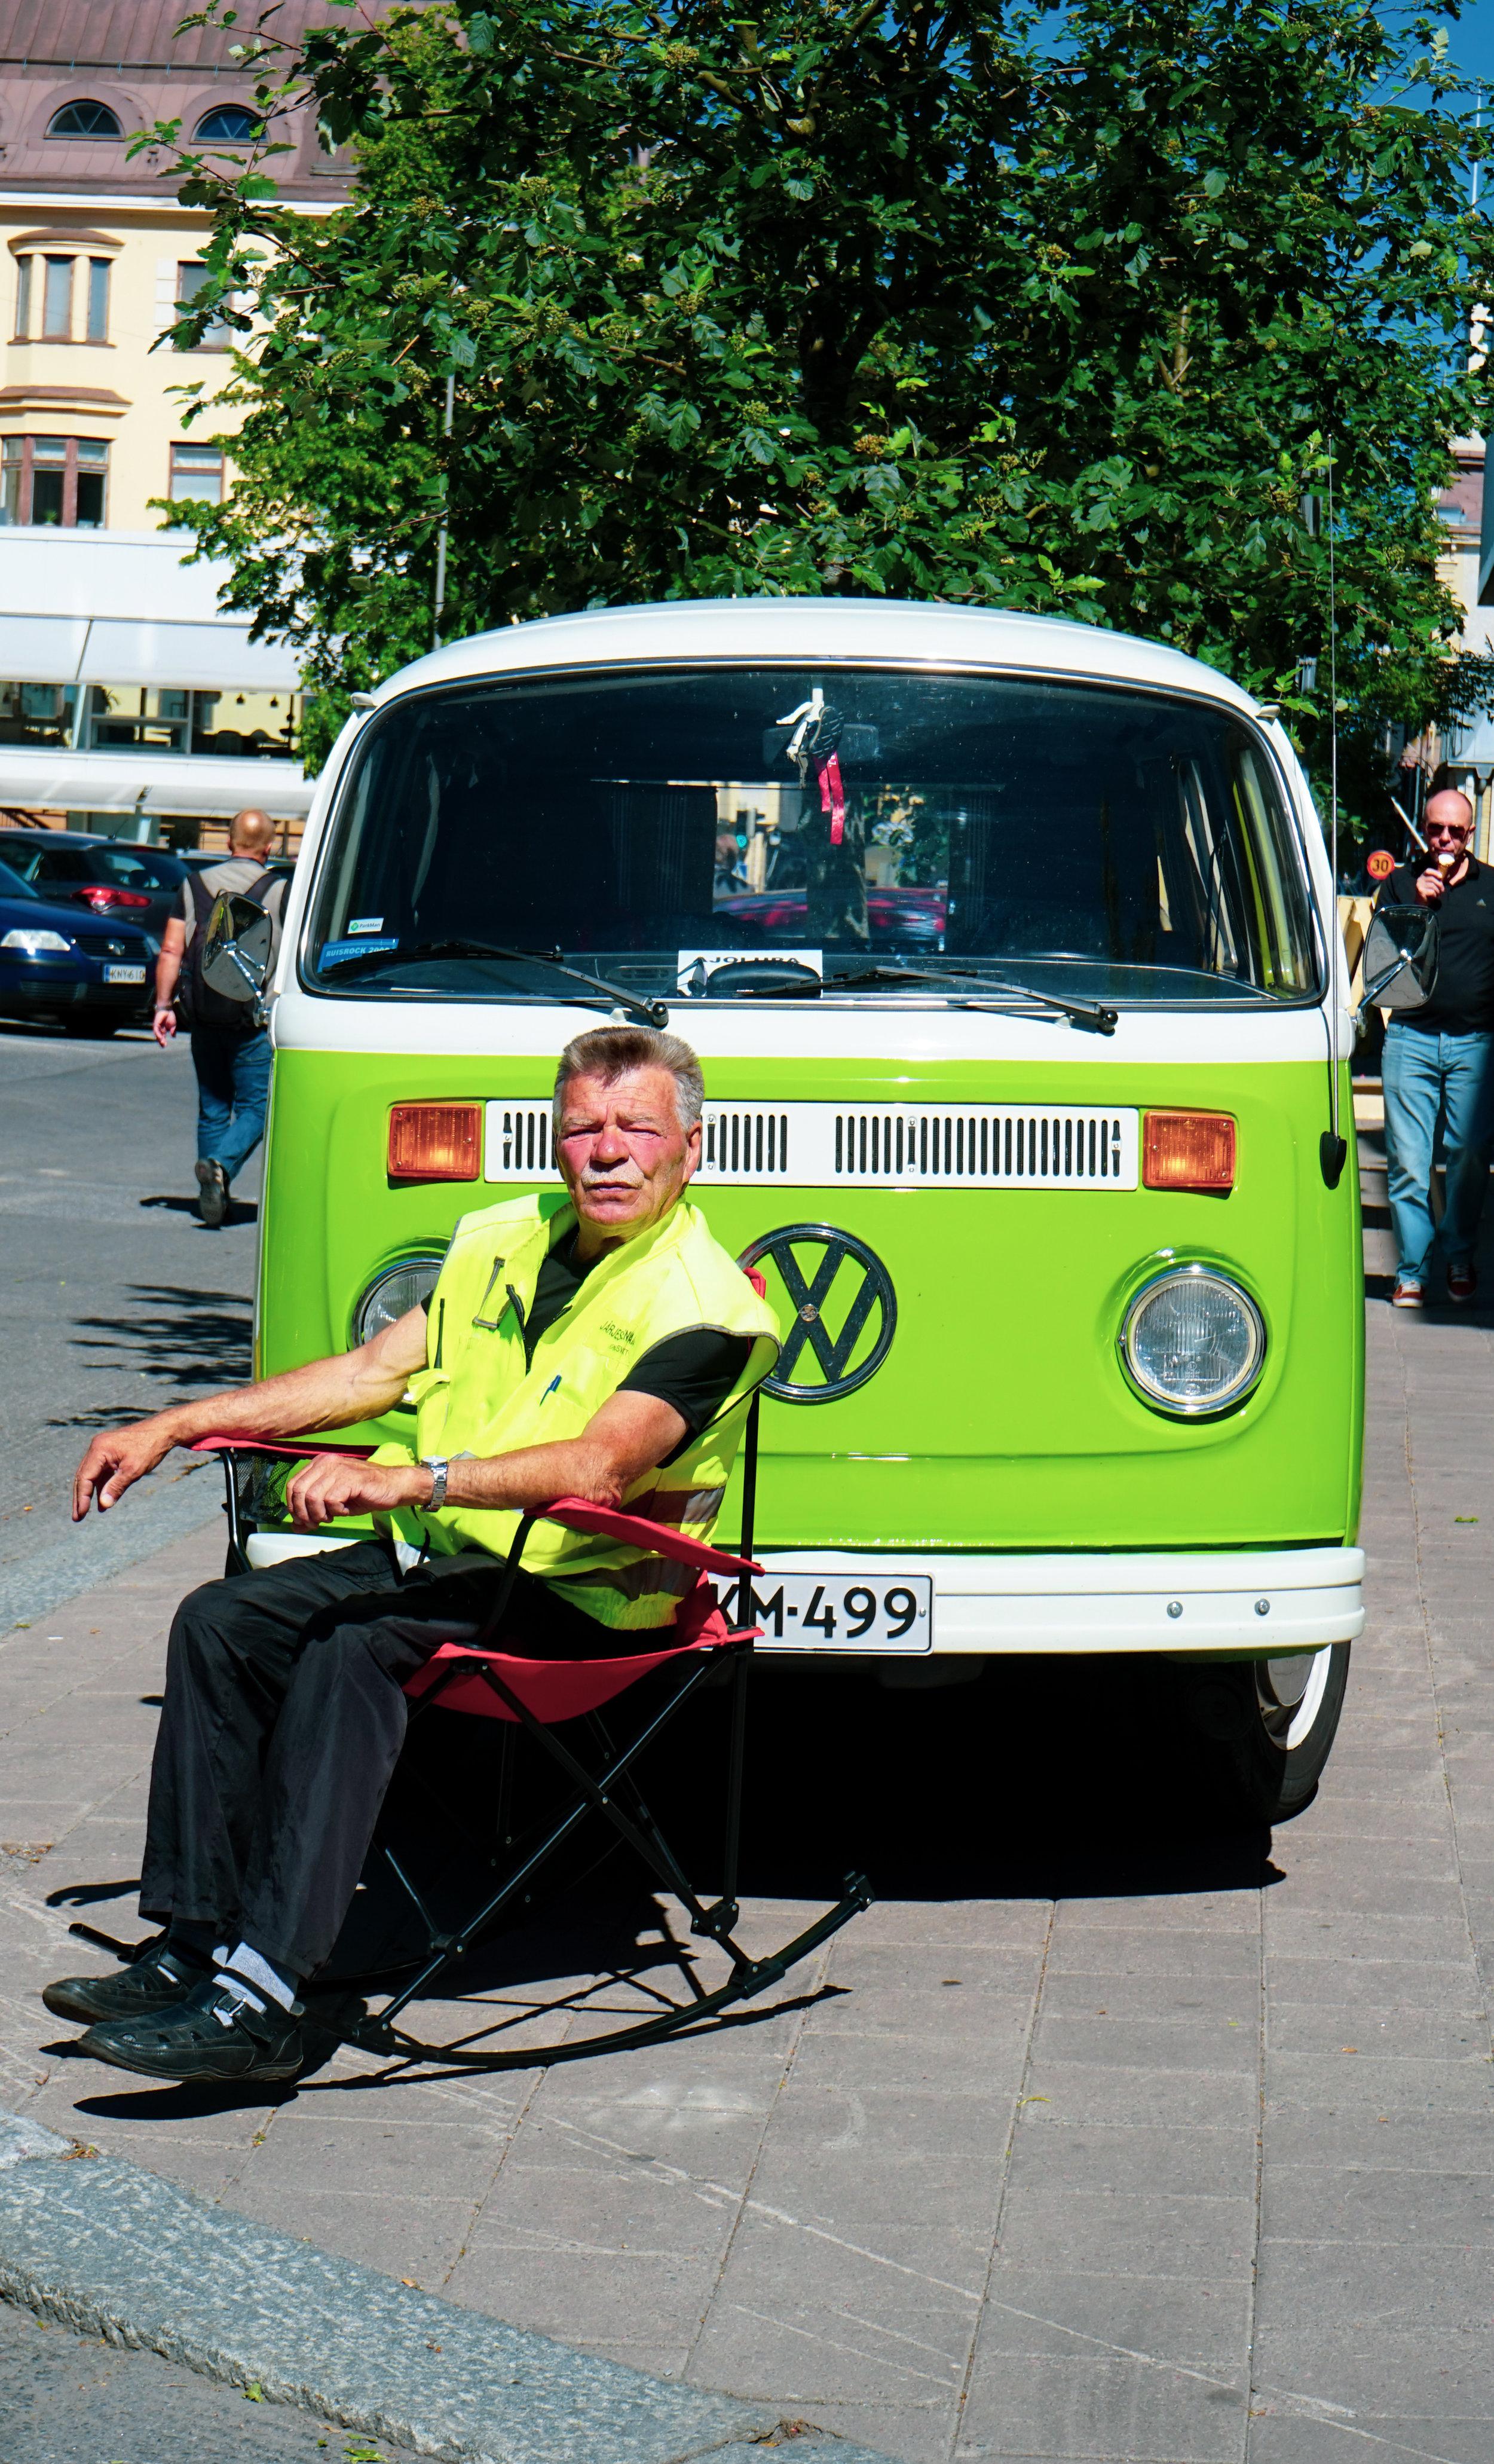 復古味濃的麵包車與坐在前方的司機老伯剛巧都是一身翠綠色,相映成趣。老司機的樣子還有點像Up!中的老伯呢!